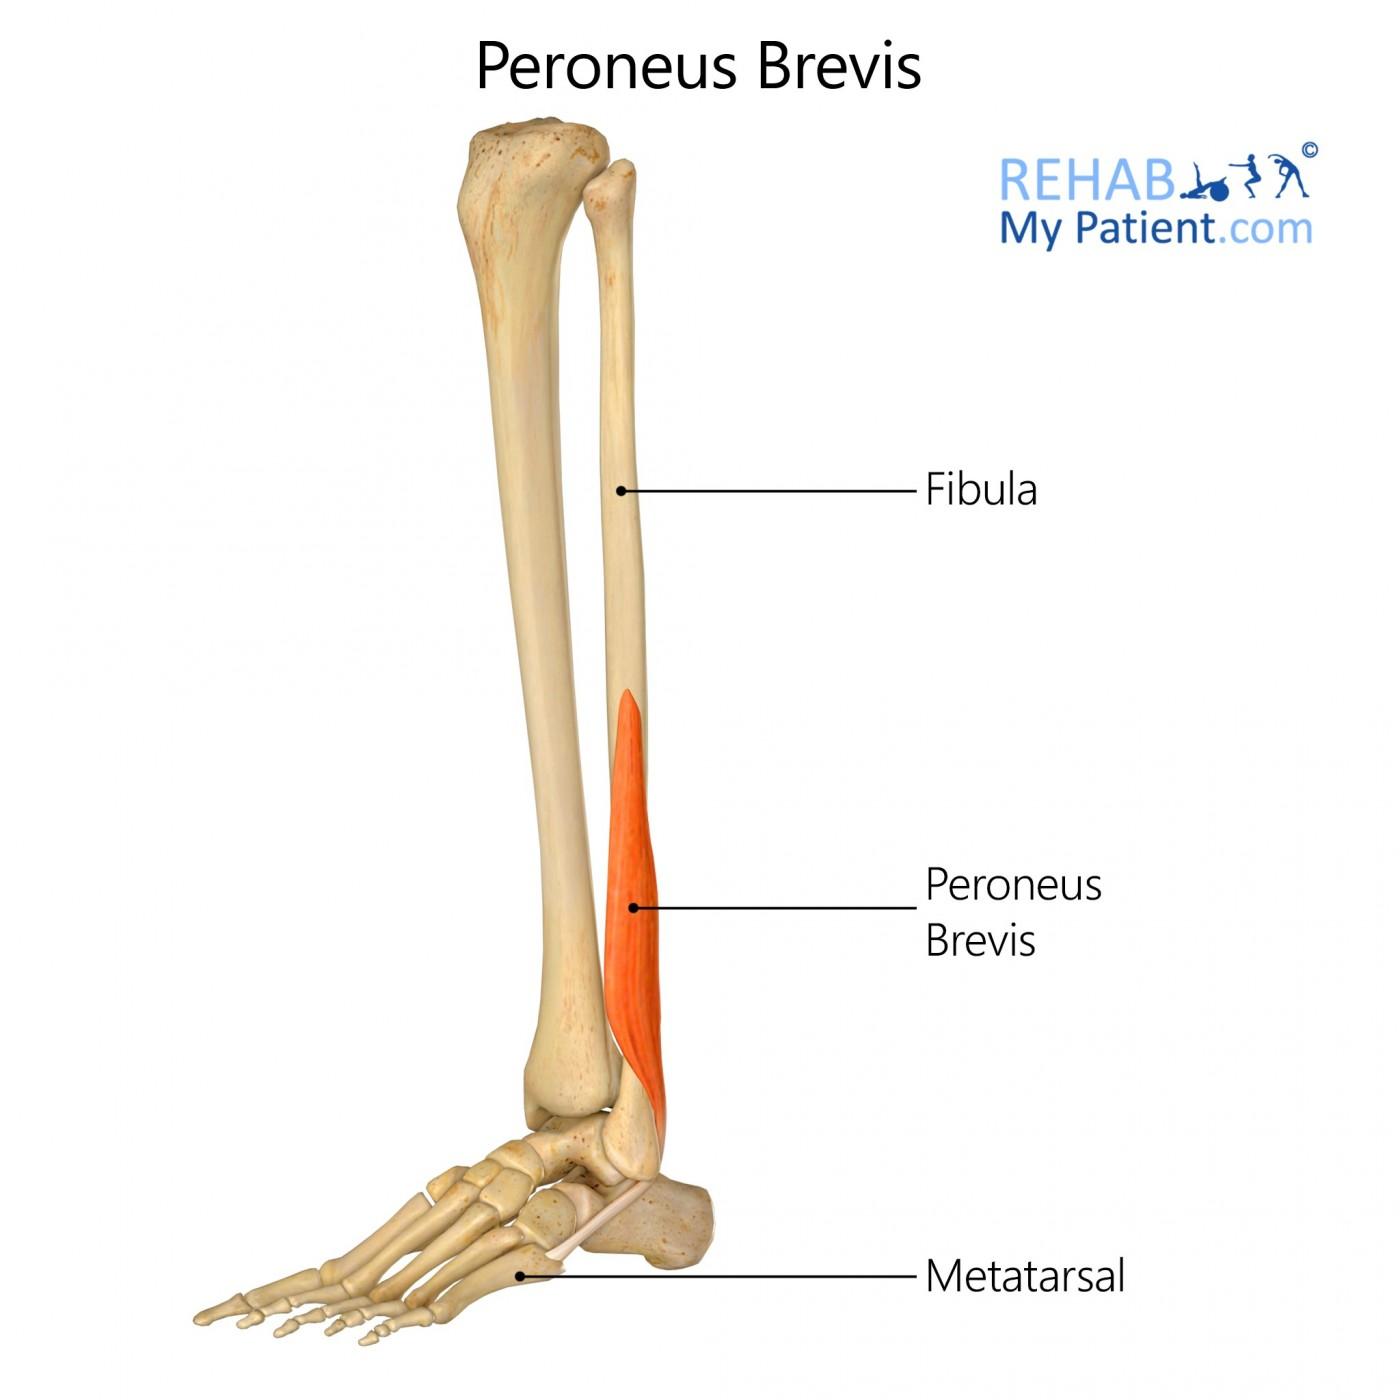 Peroneus Brevis